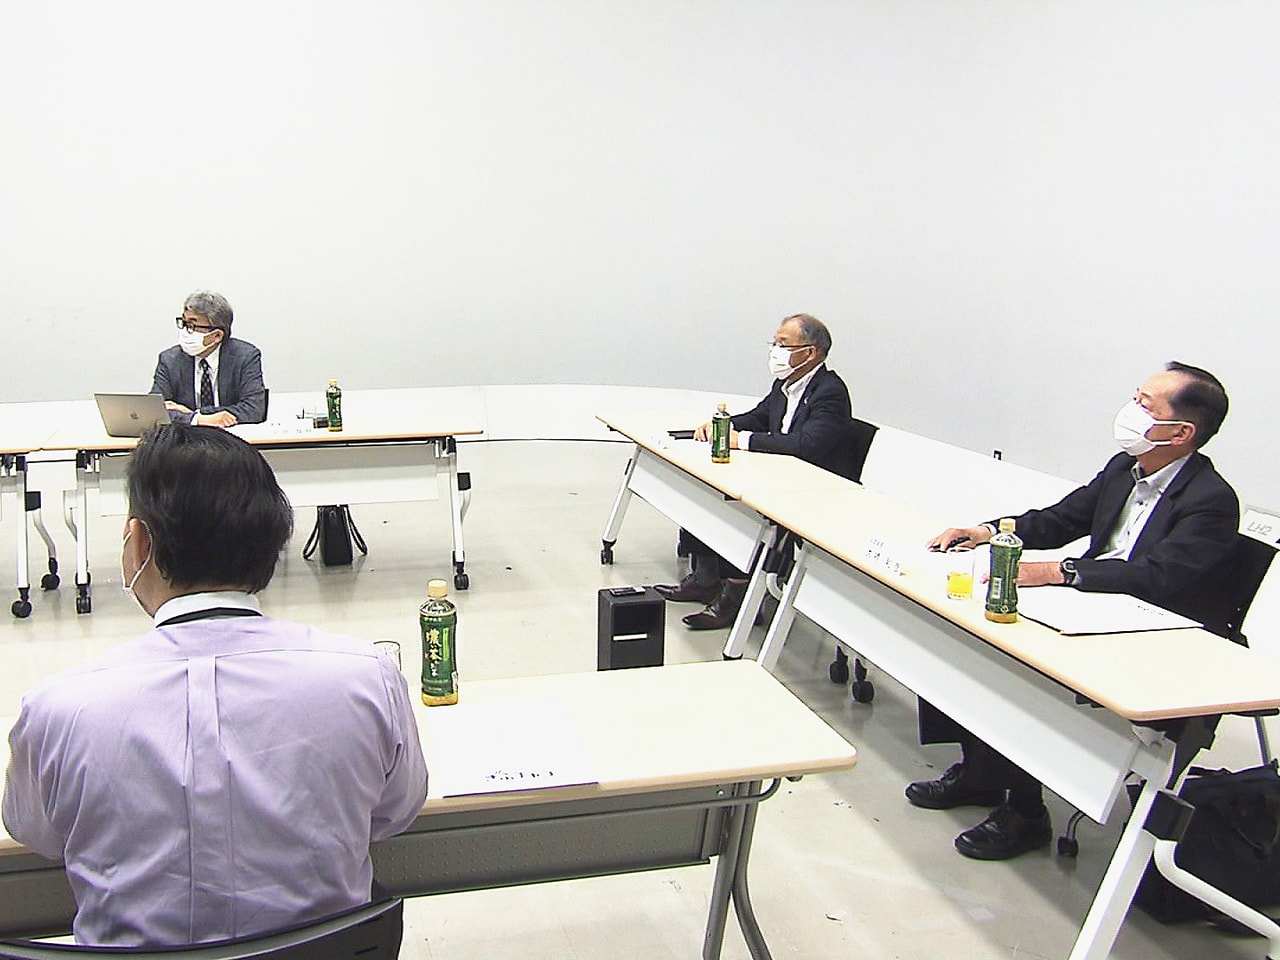 岐阜放送の番組審議会が26日開かれ、5月に放送されたテレビの番組を視聴して意見が...